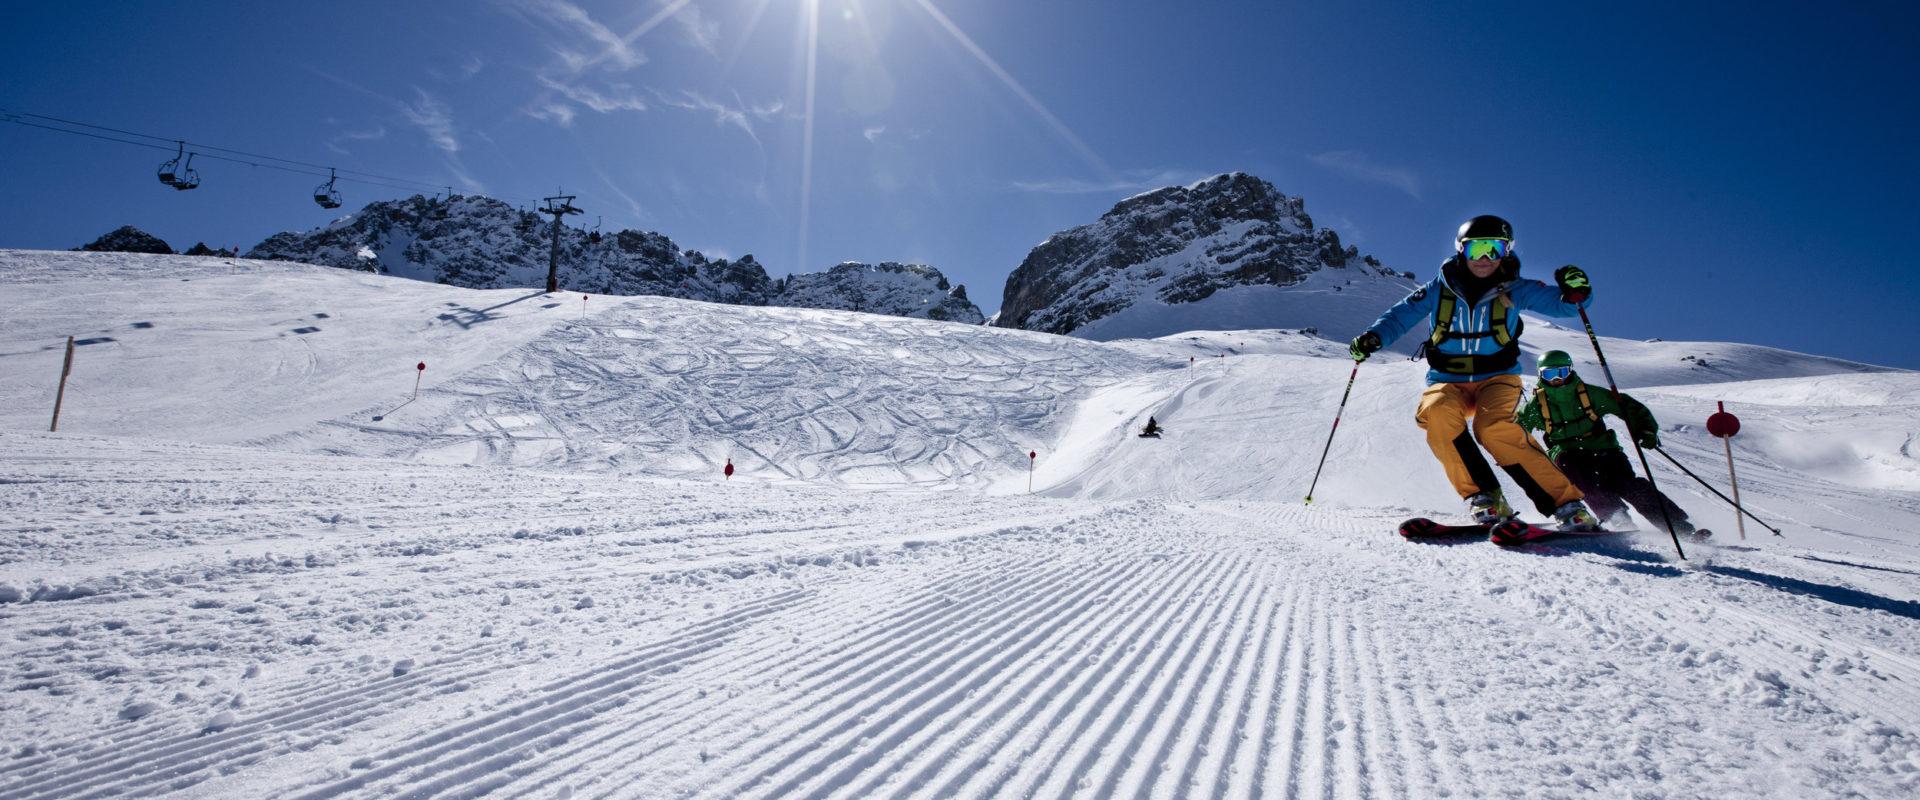 Skifahren Warth-Schroecken_skischule warth (47) © N.N. / Skischule Warth